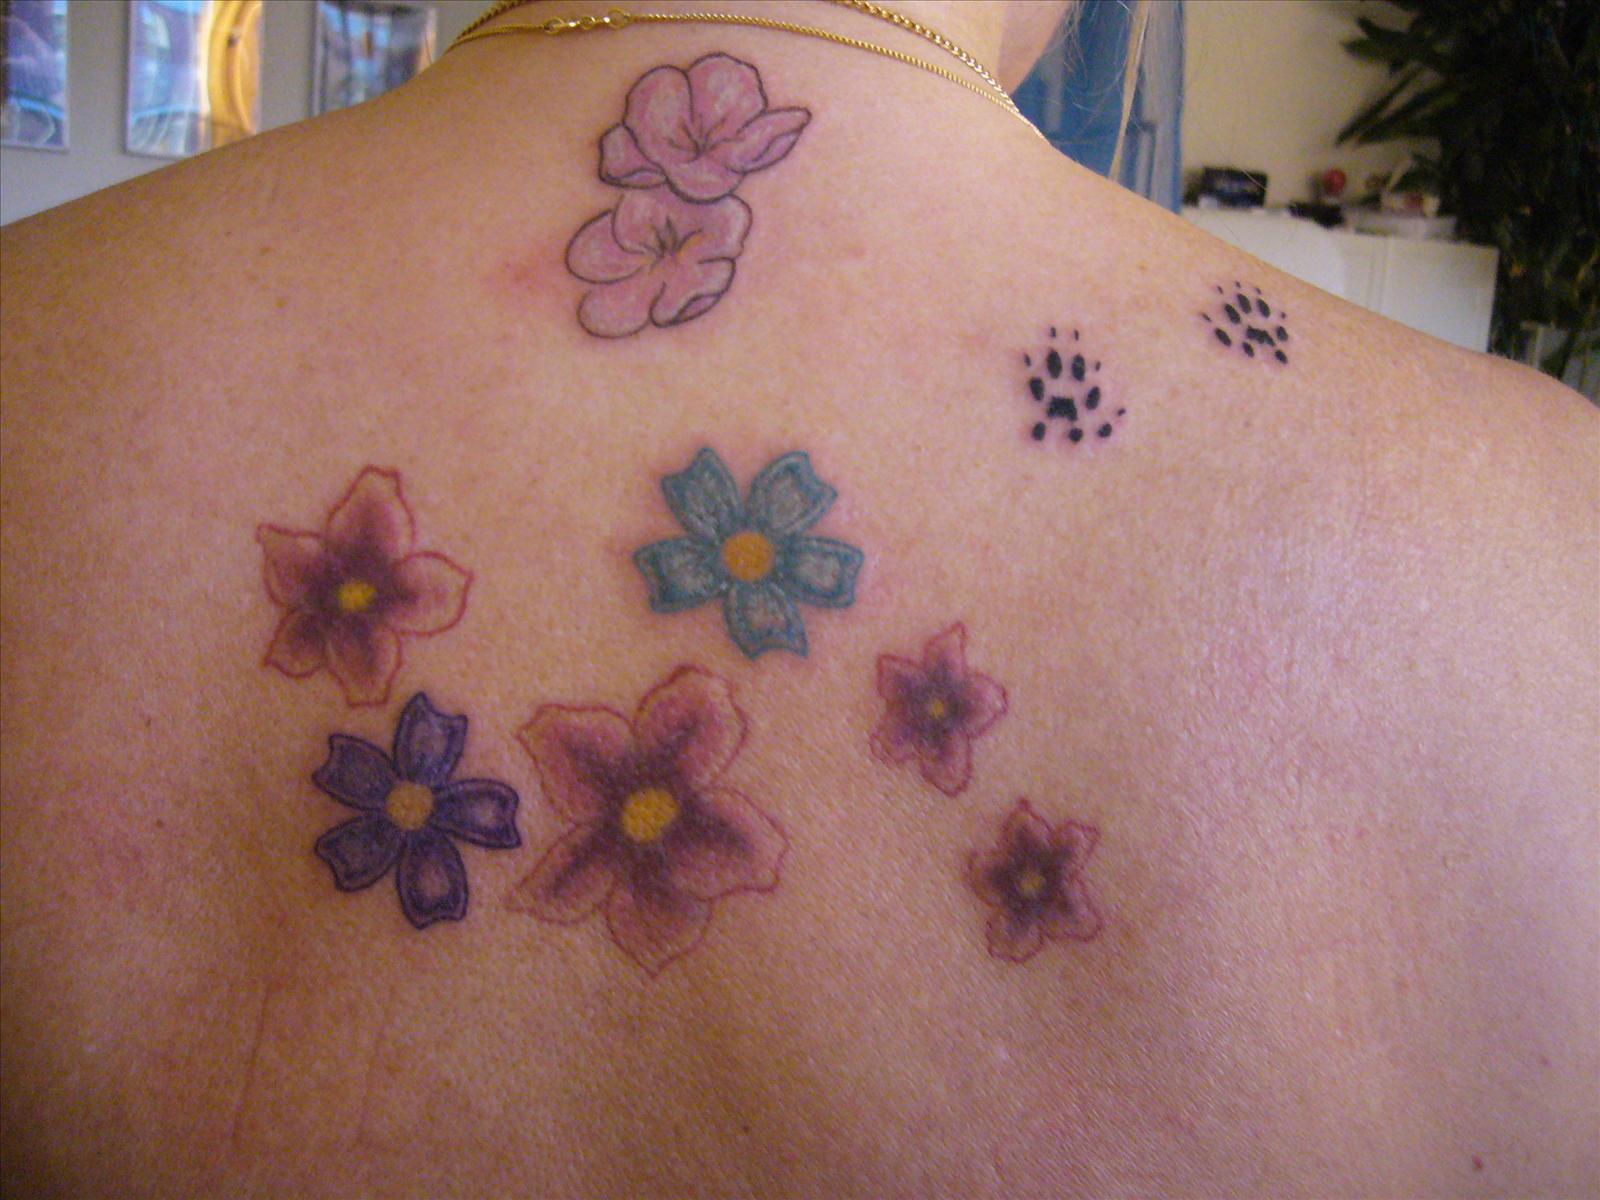 tatuera namn på underarmen